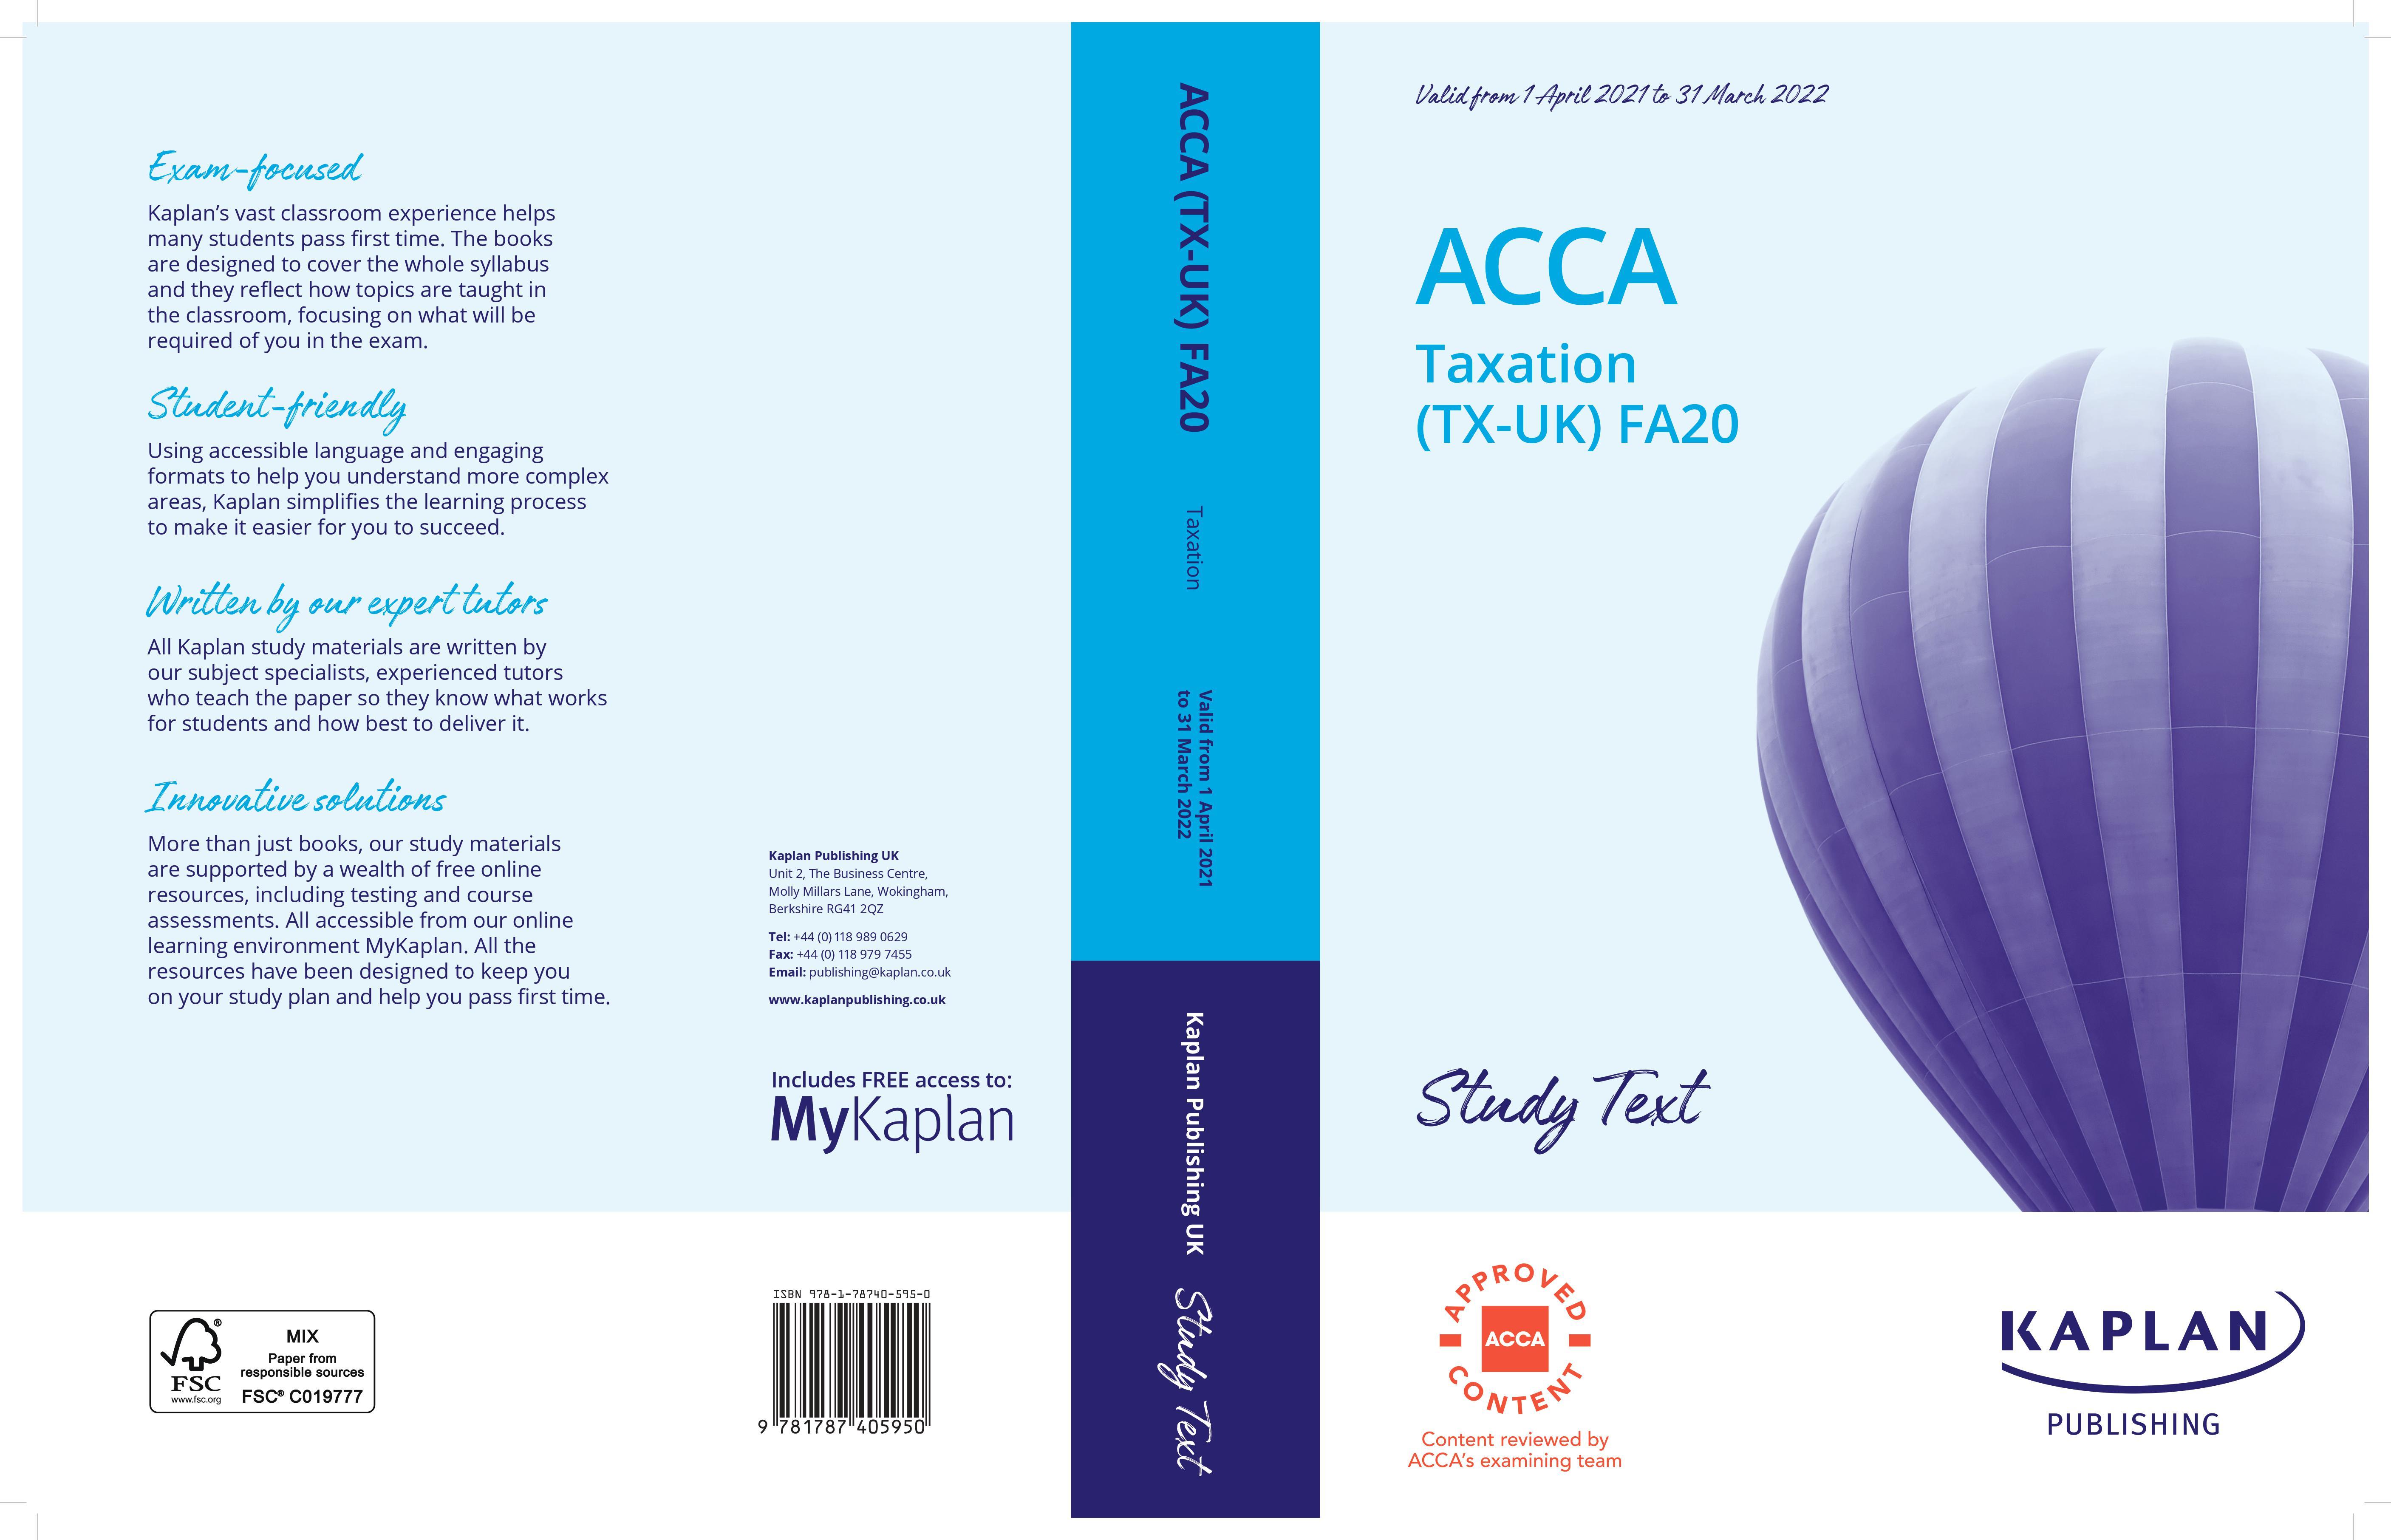 ACCA Taxation